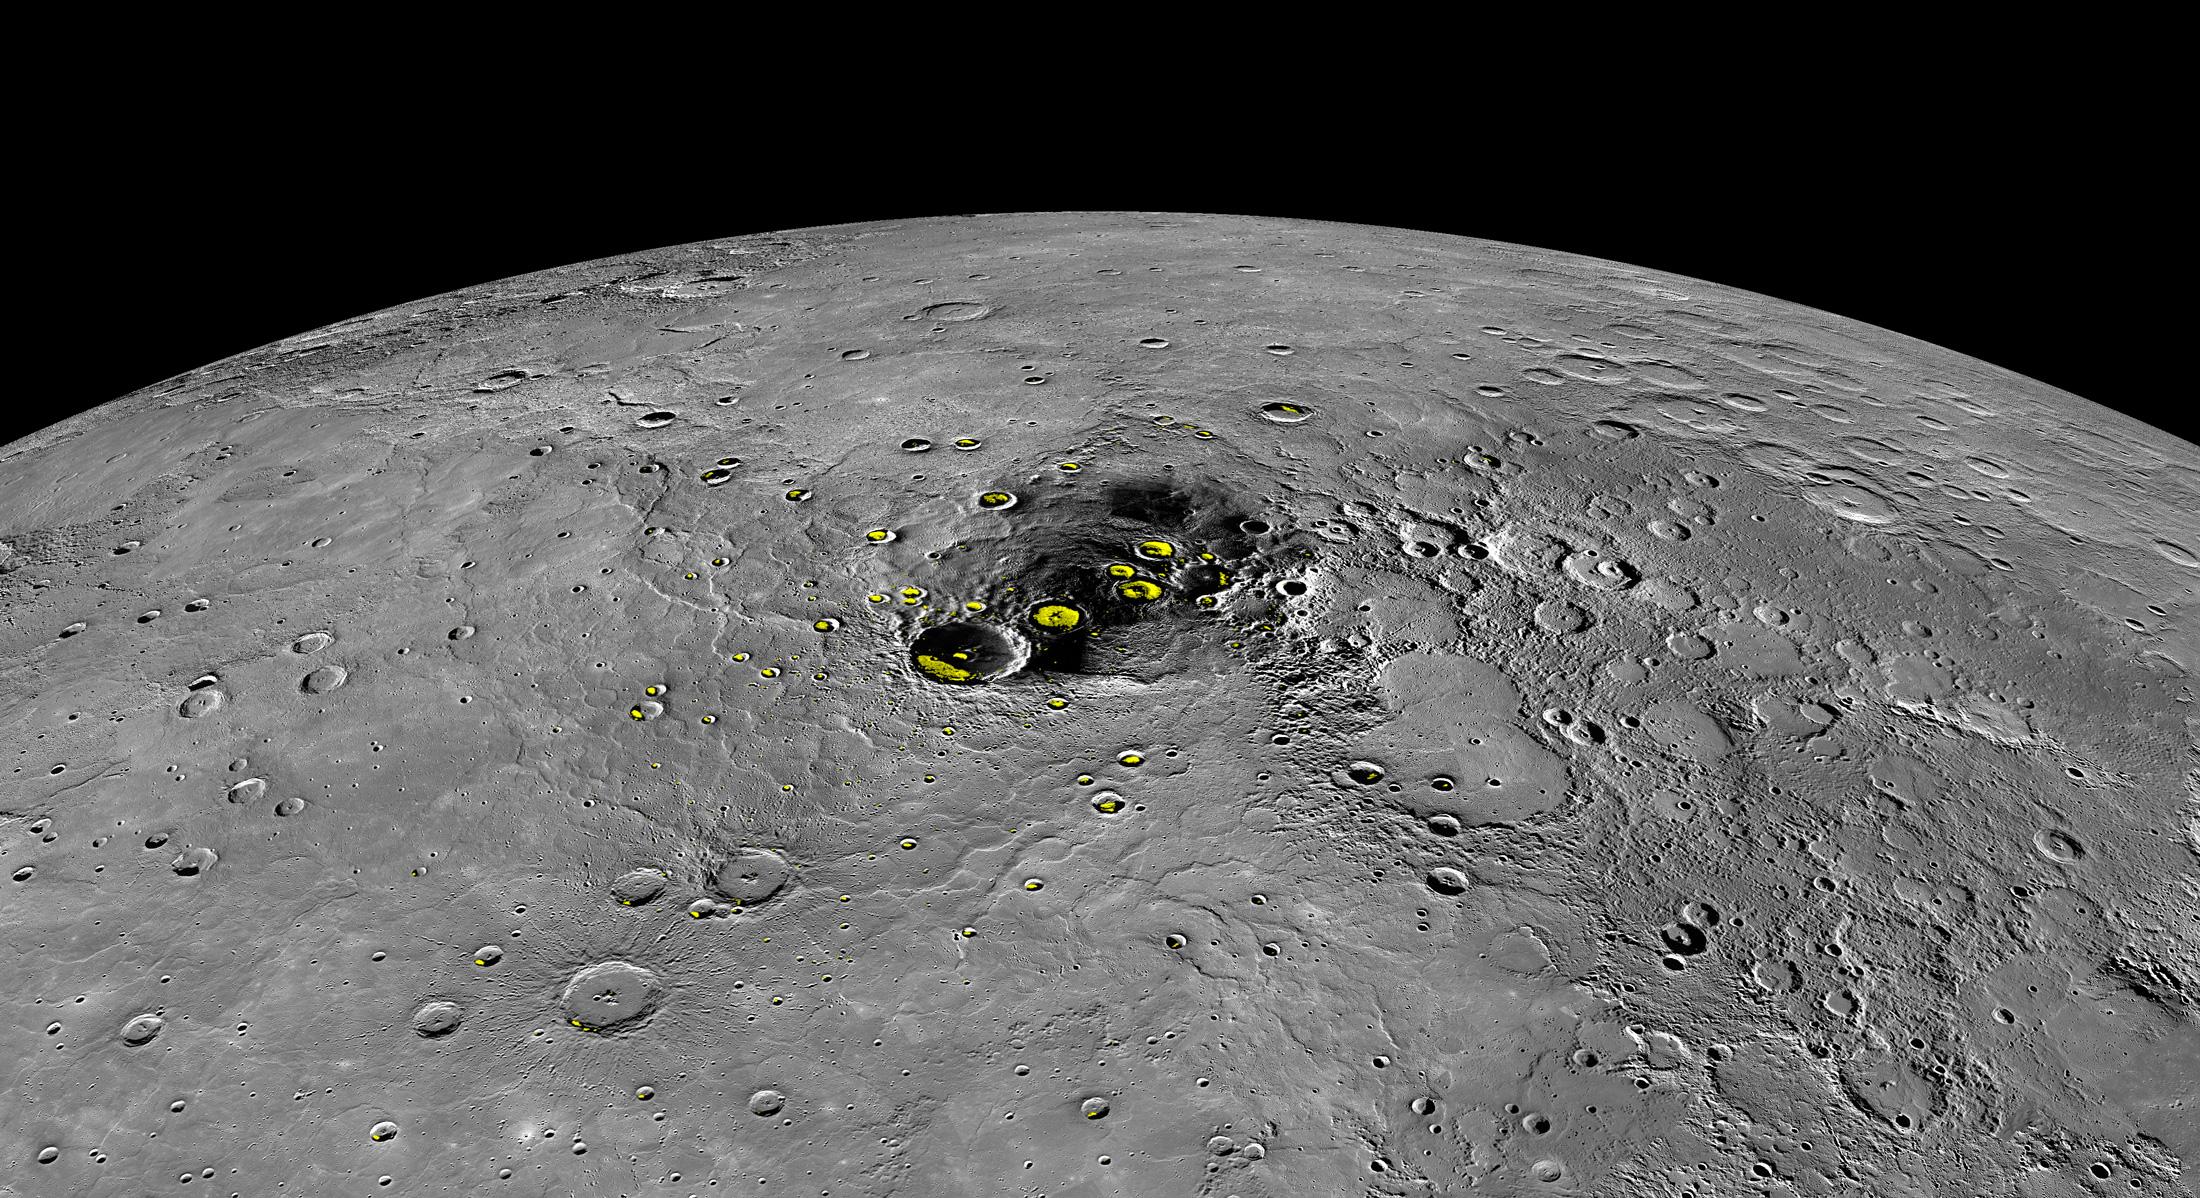 Aperçu de la région polaire nord de Mercure